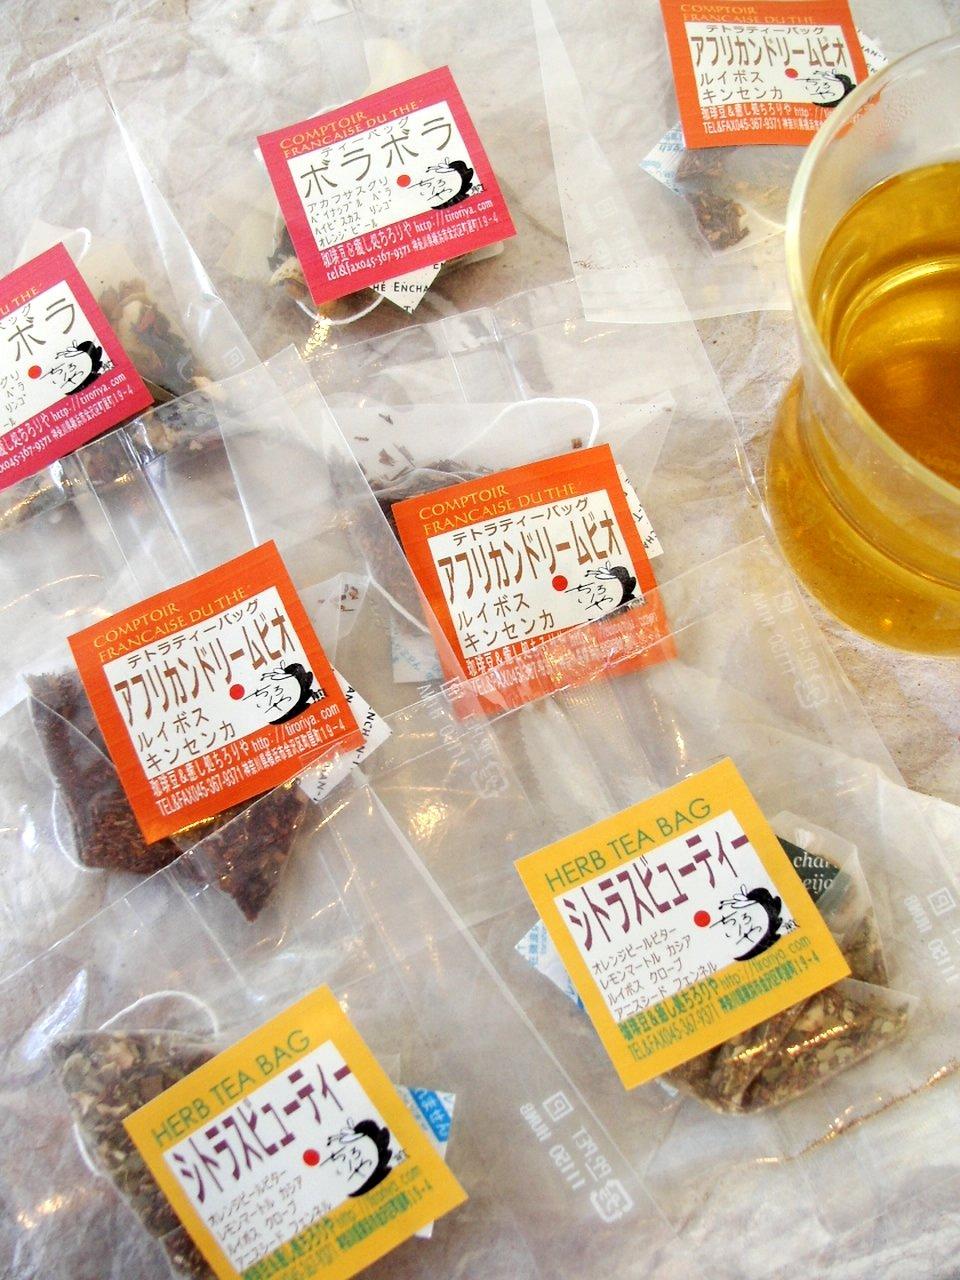 【ノンカフェインティーアソートセット】テトラティーバッグ カフェインレスのフルーツ&ハーブティー3銘柄合計7個